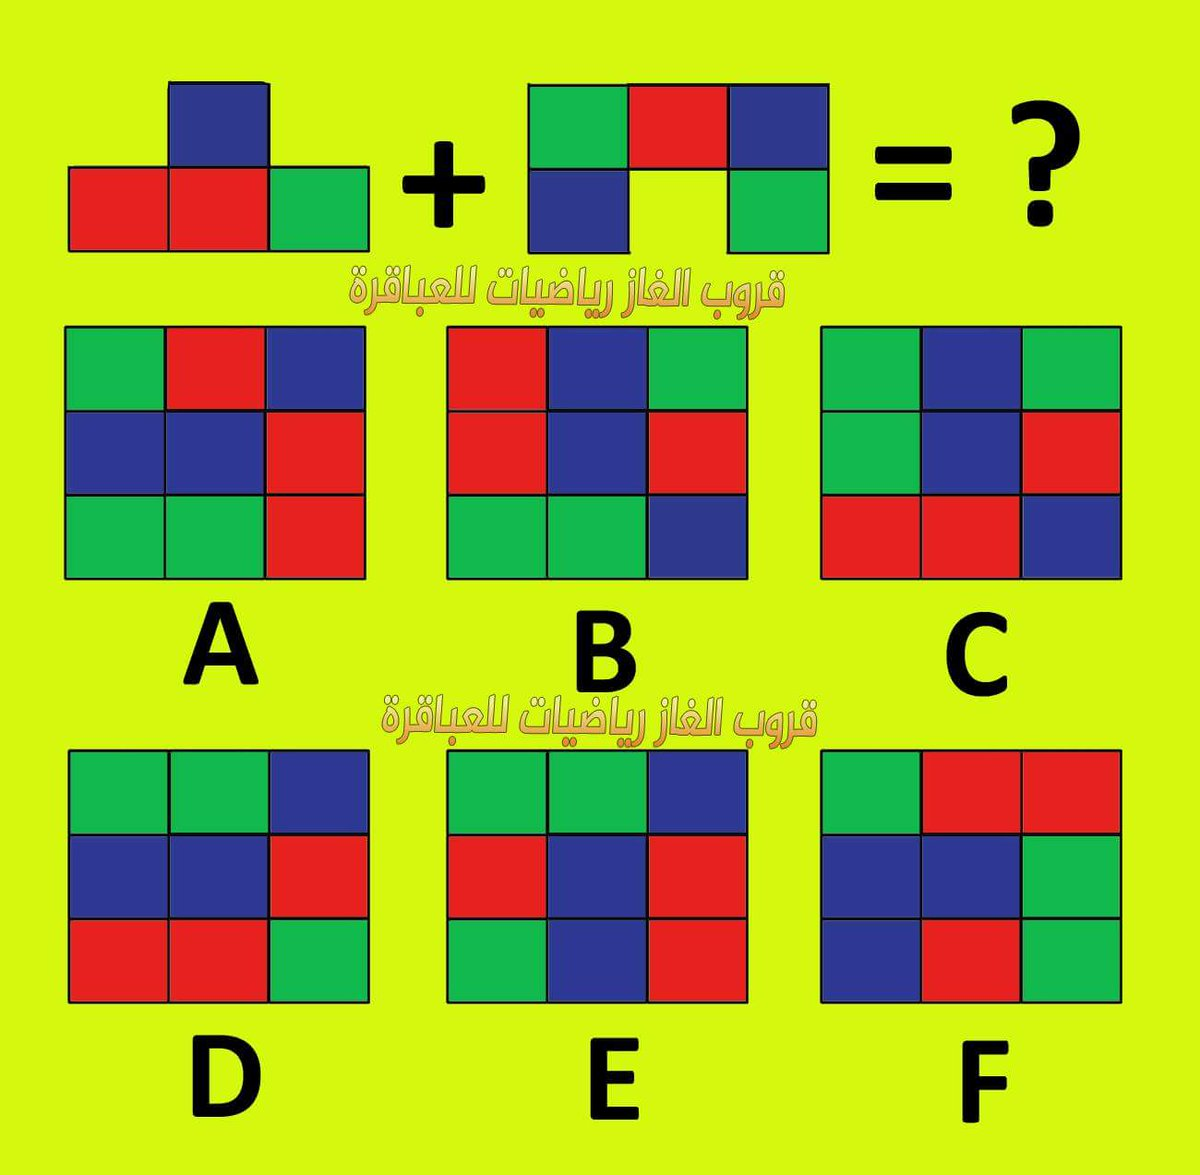 الغاز رياضيات للعباقرة On Twitter ماهو الخيار الصحيح رياضيات الغاز لغز Math Puzzle